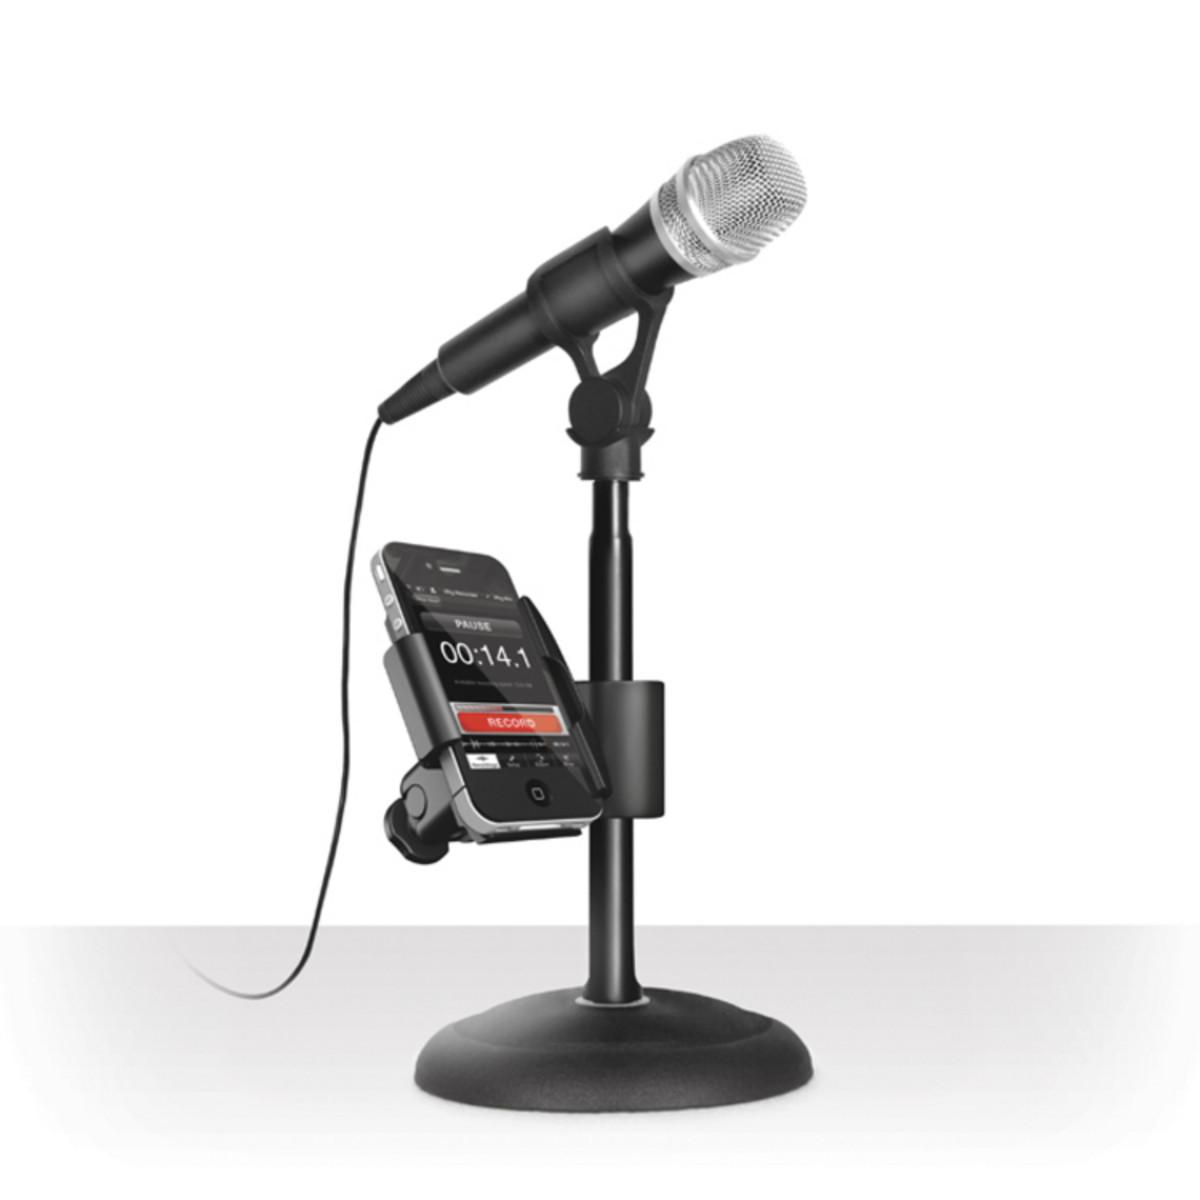 Ik Multimedia Iklip Mini Mic Stand Adaptor For Iphone At